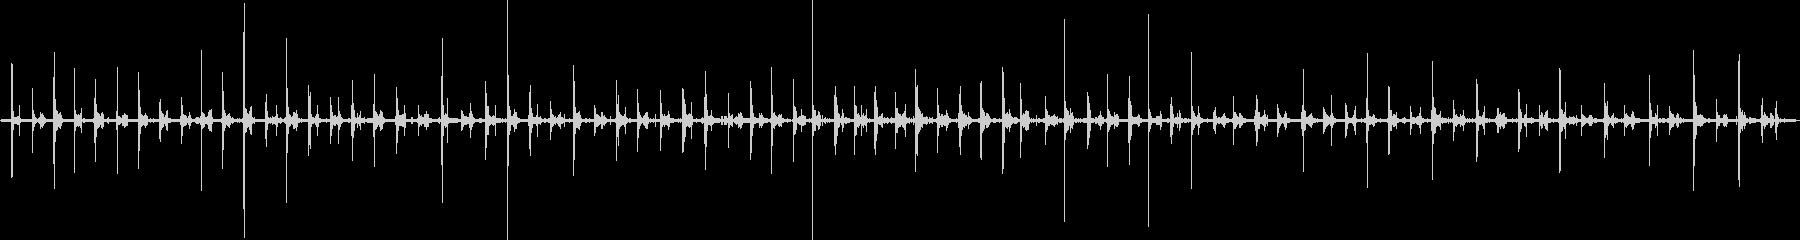 バイノーラル足音歩く1パンプス女性左の未再生の波形